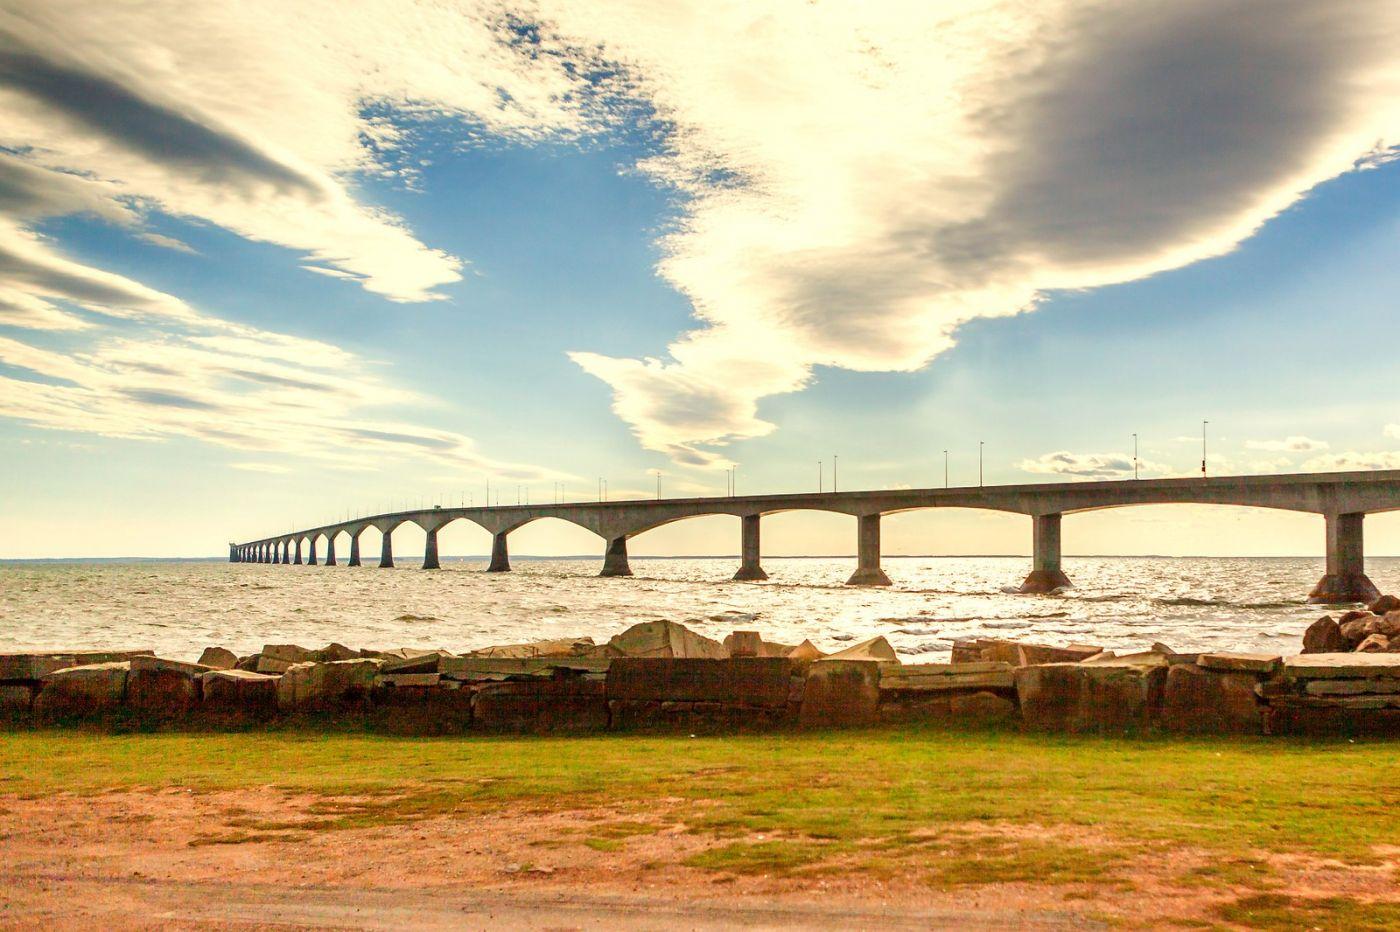 加拿大风景,长桥和灯塔_图1-15